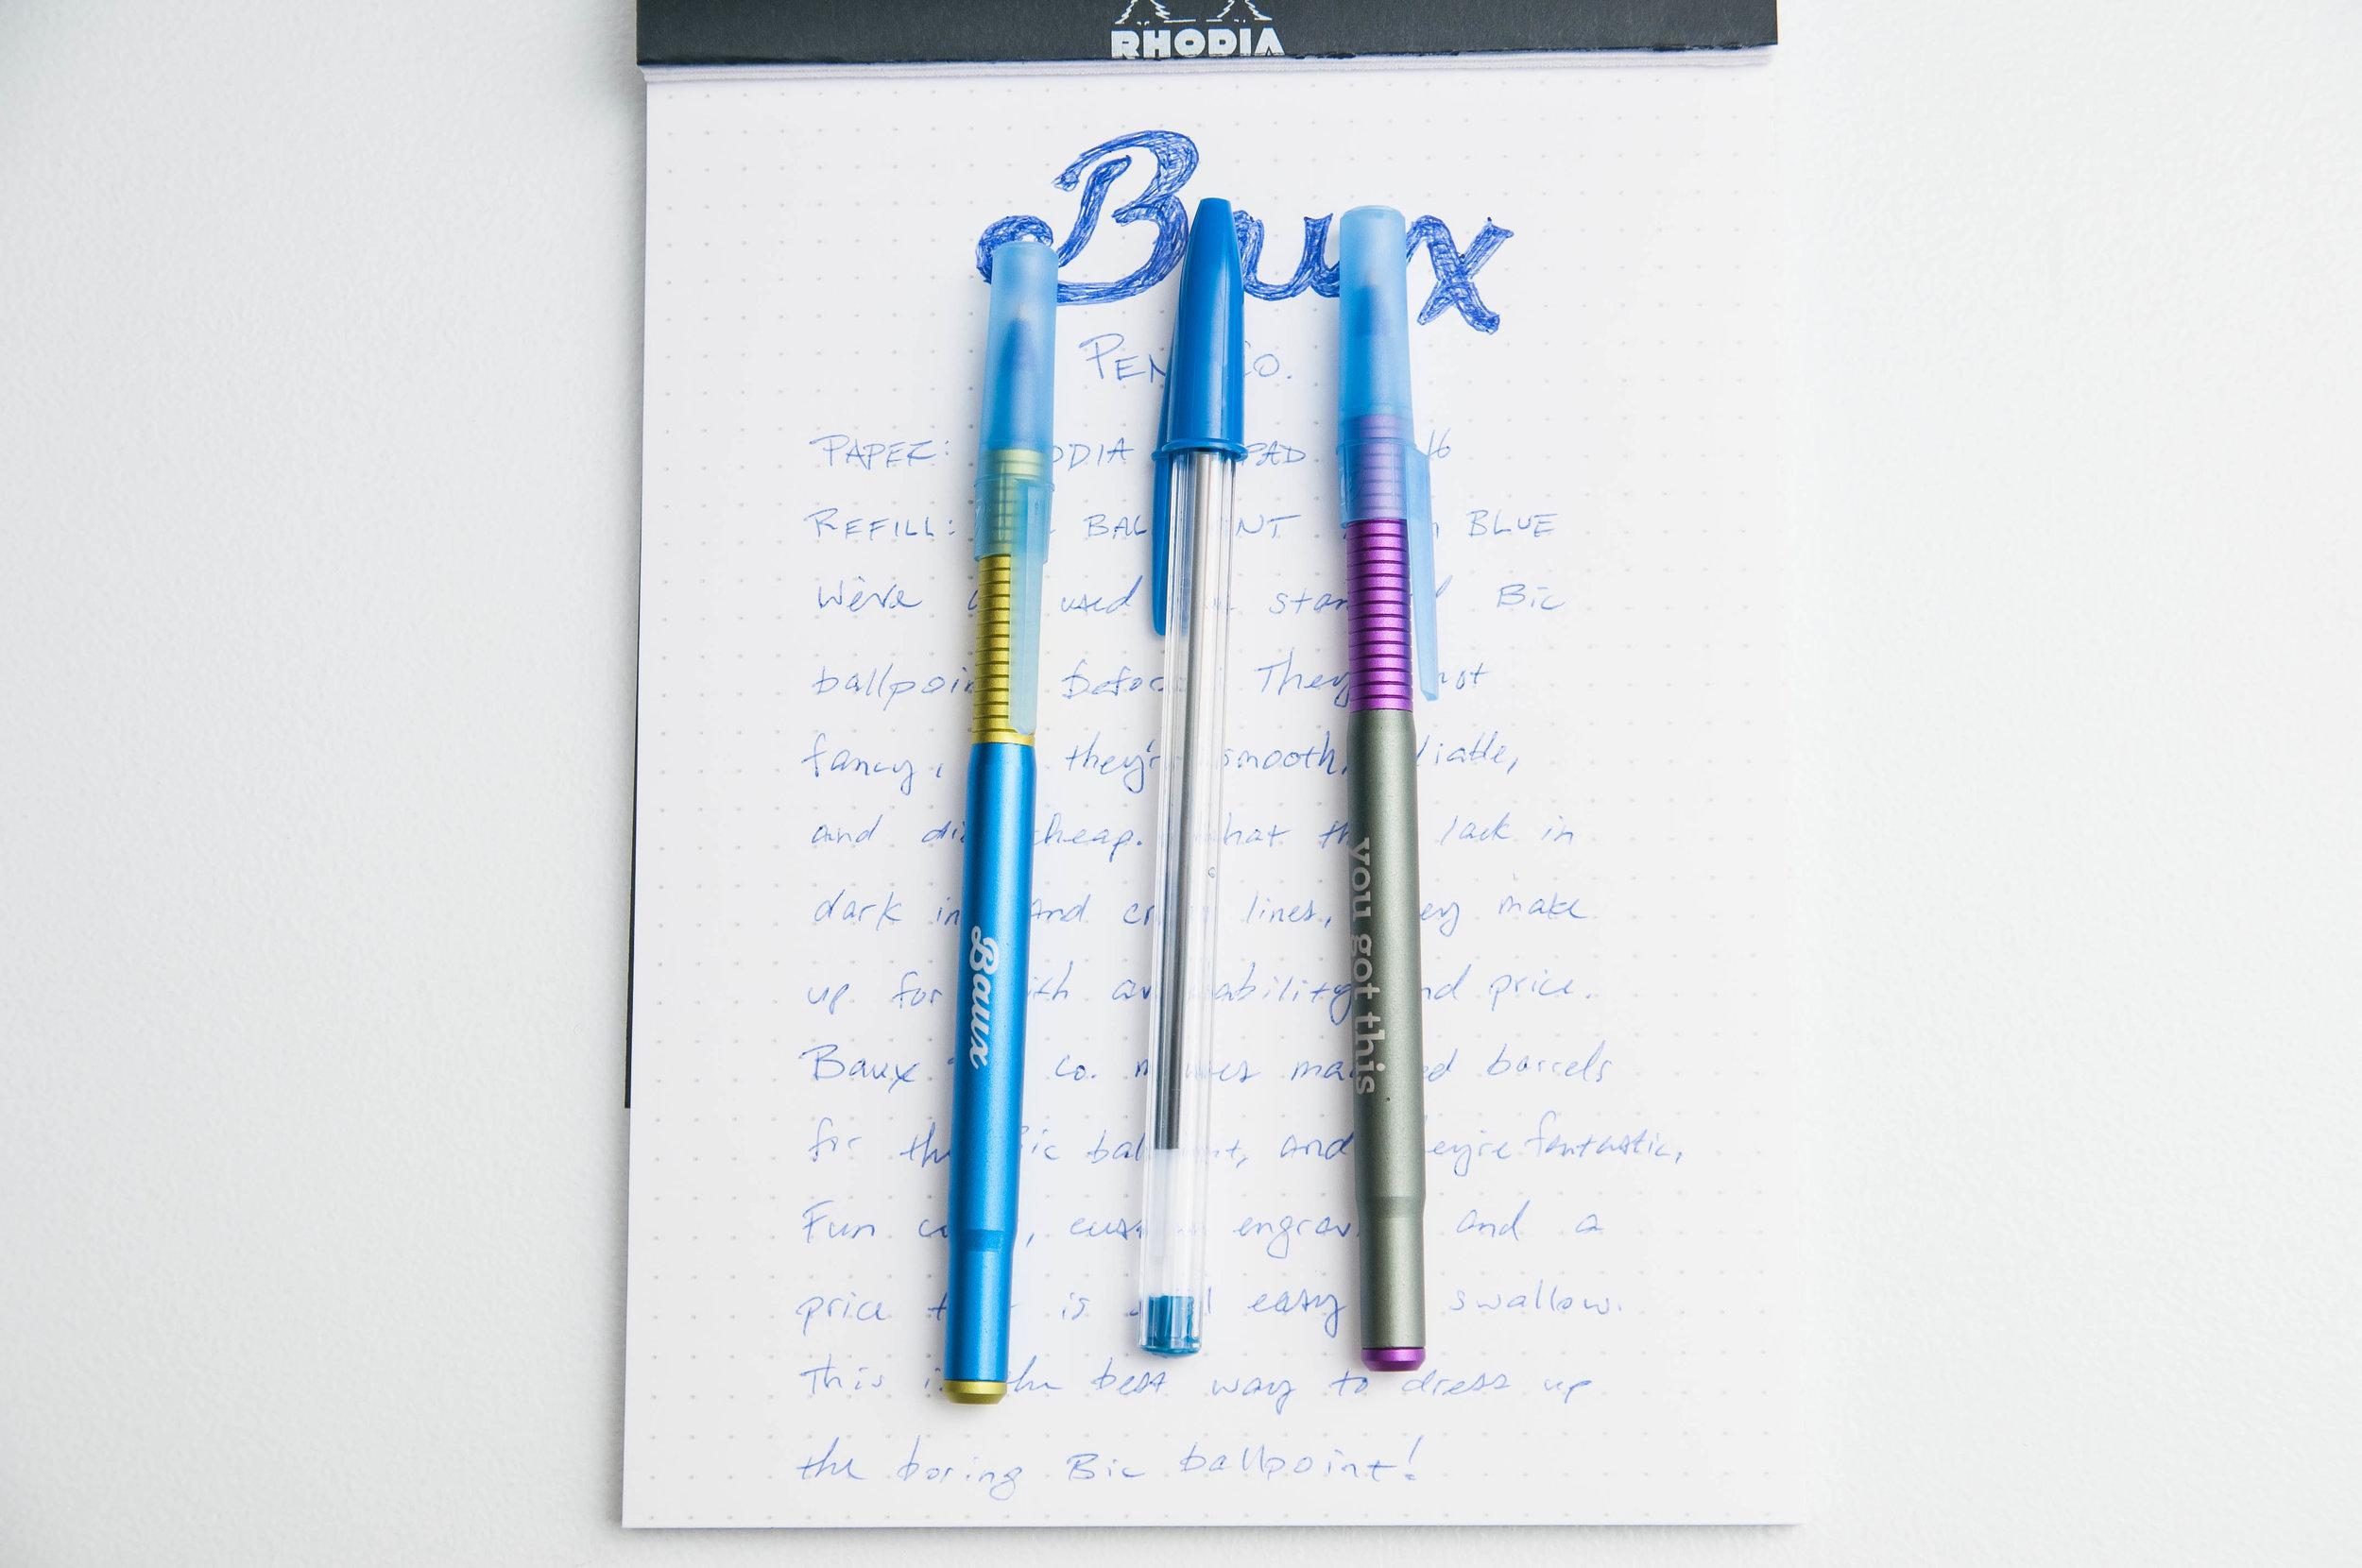 Baux Pen Bic